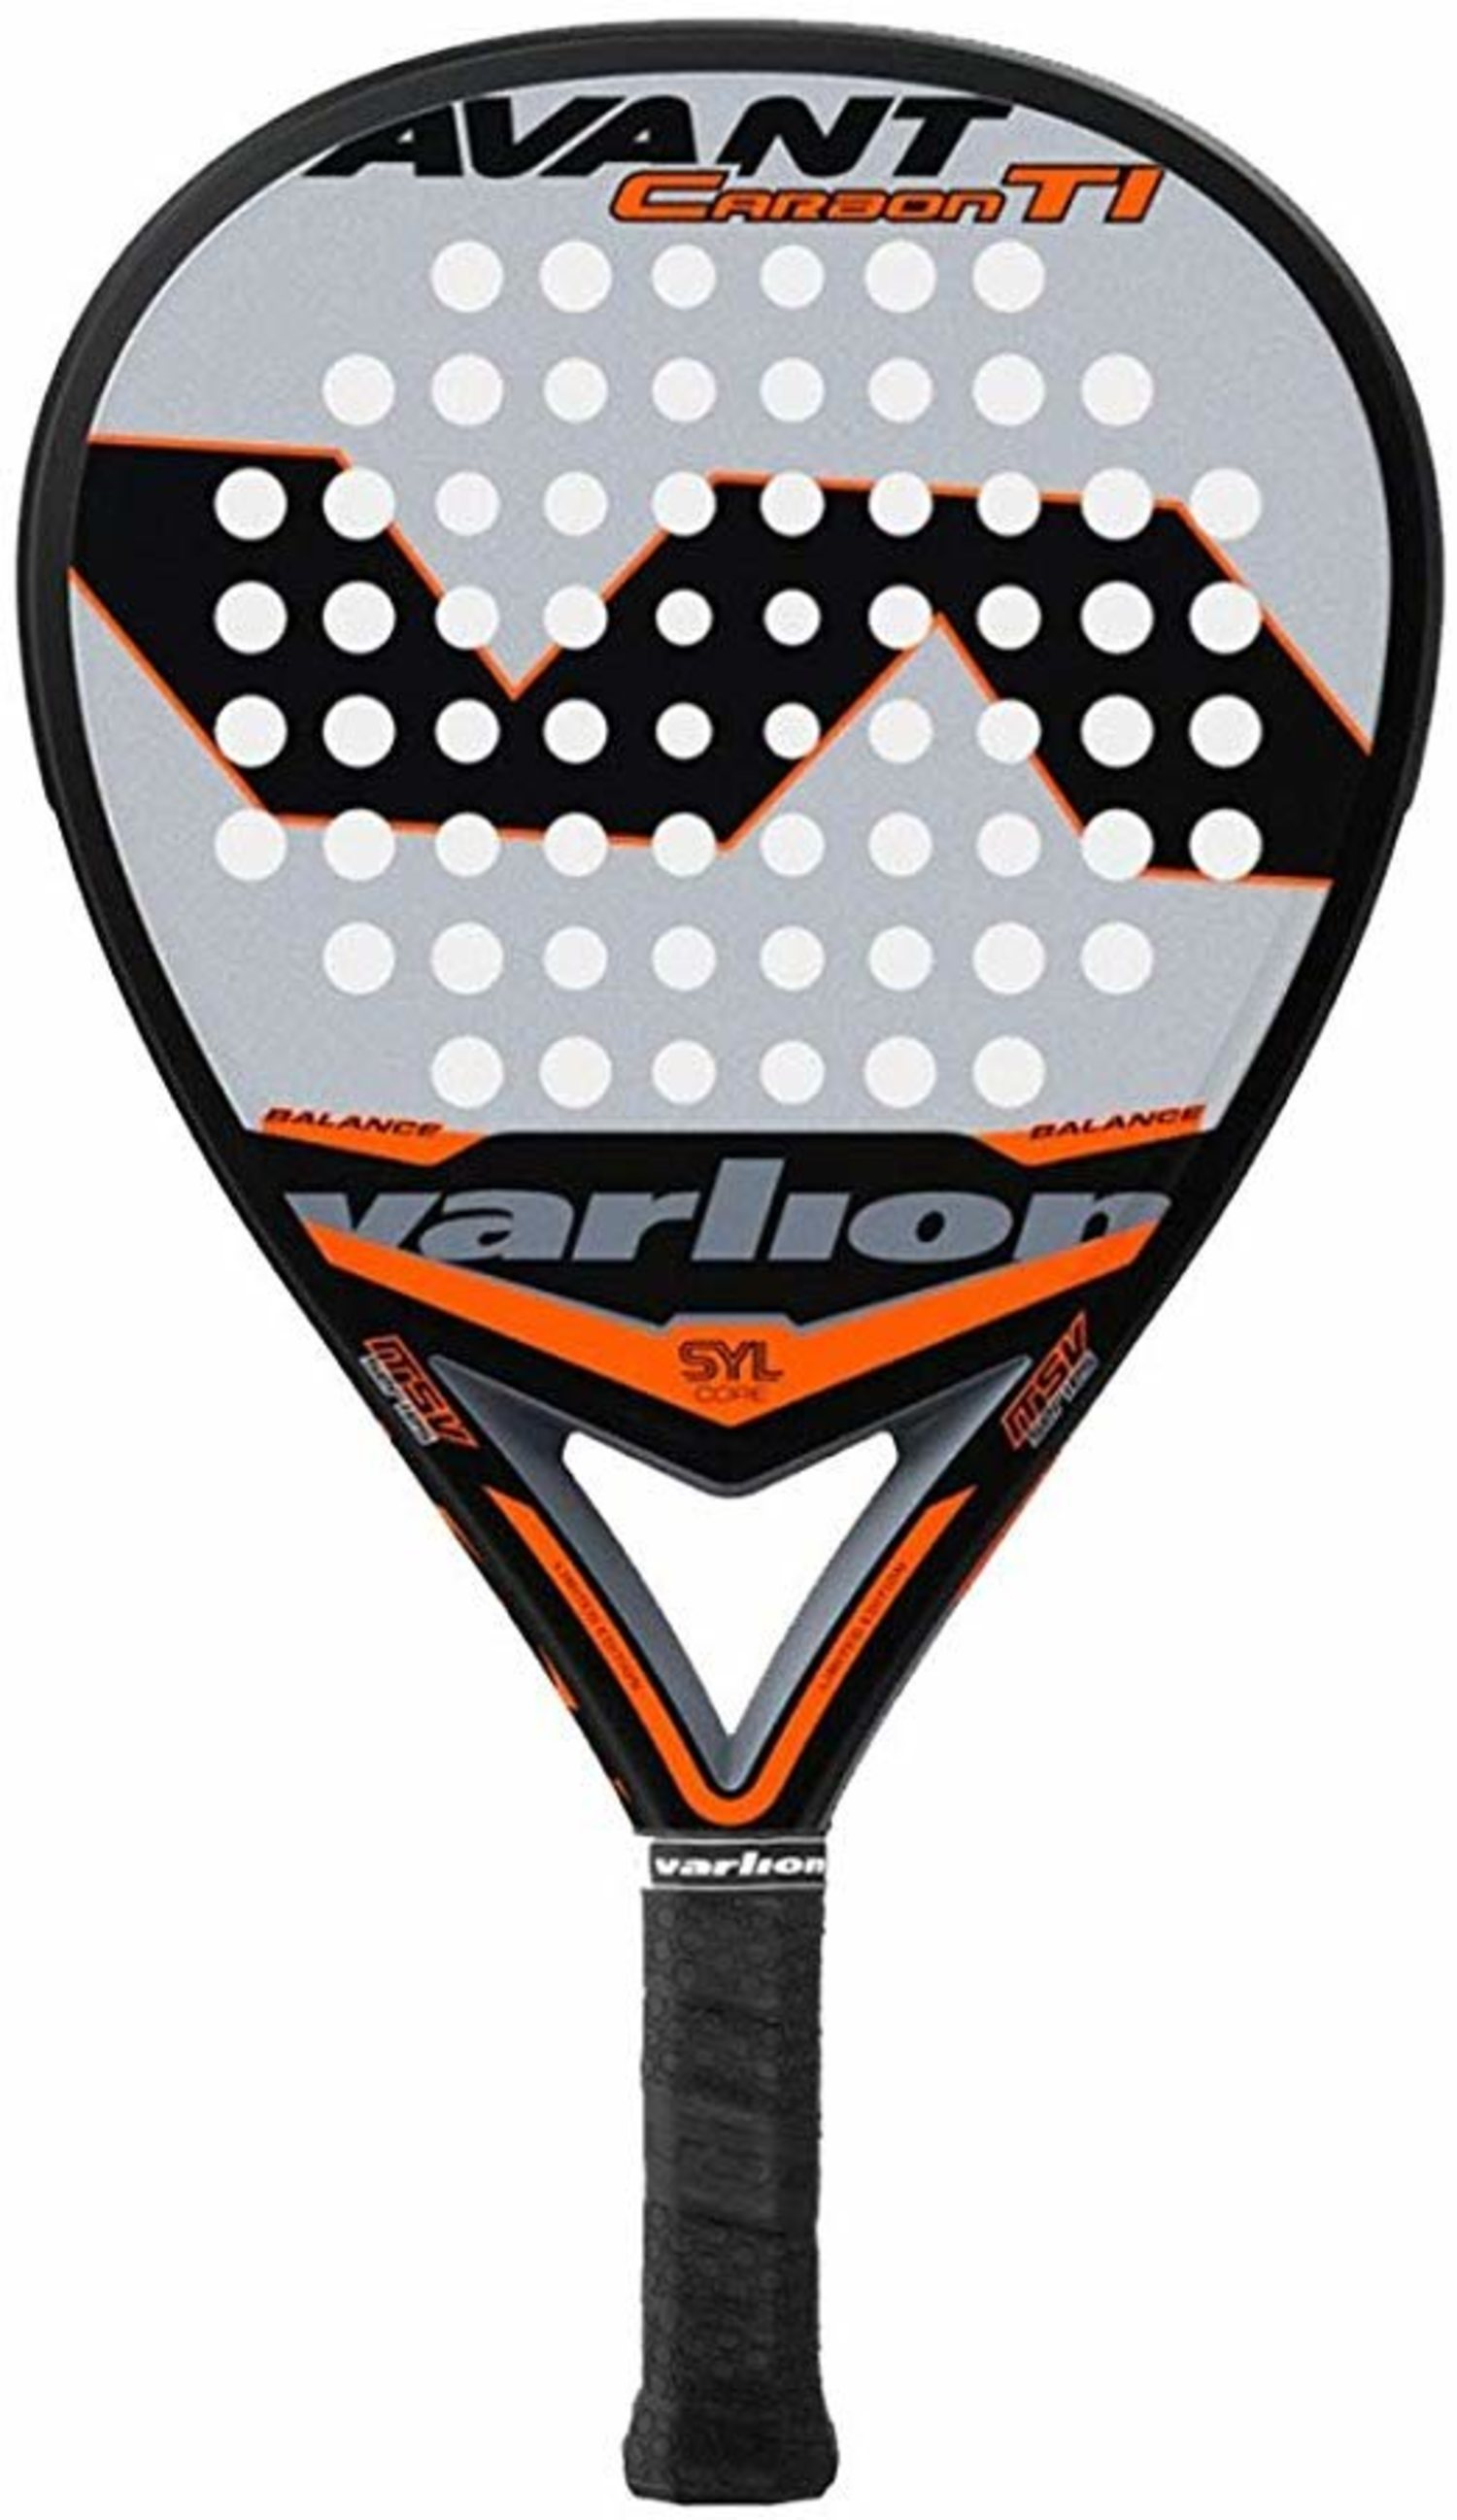 Para de pádel Varilion, fabricada con fibra de carbono y tecnología Syl Core para mejor manejo y resistencia.